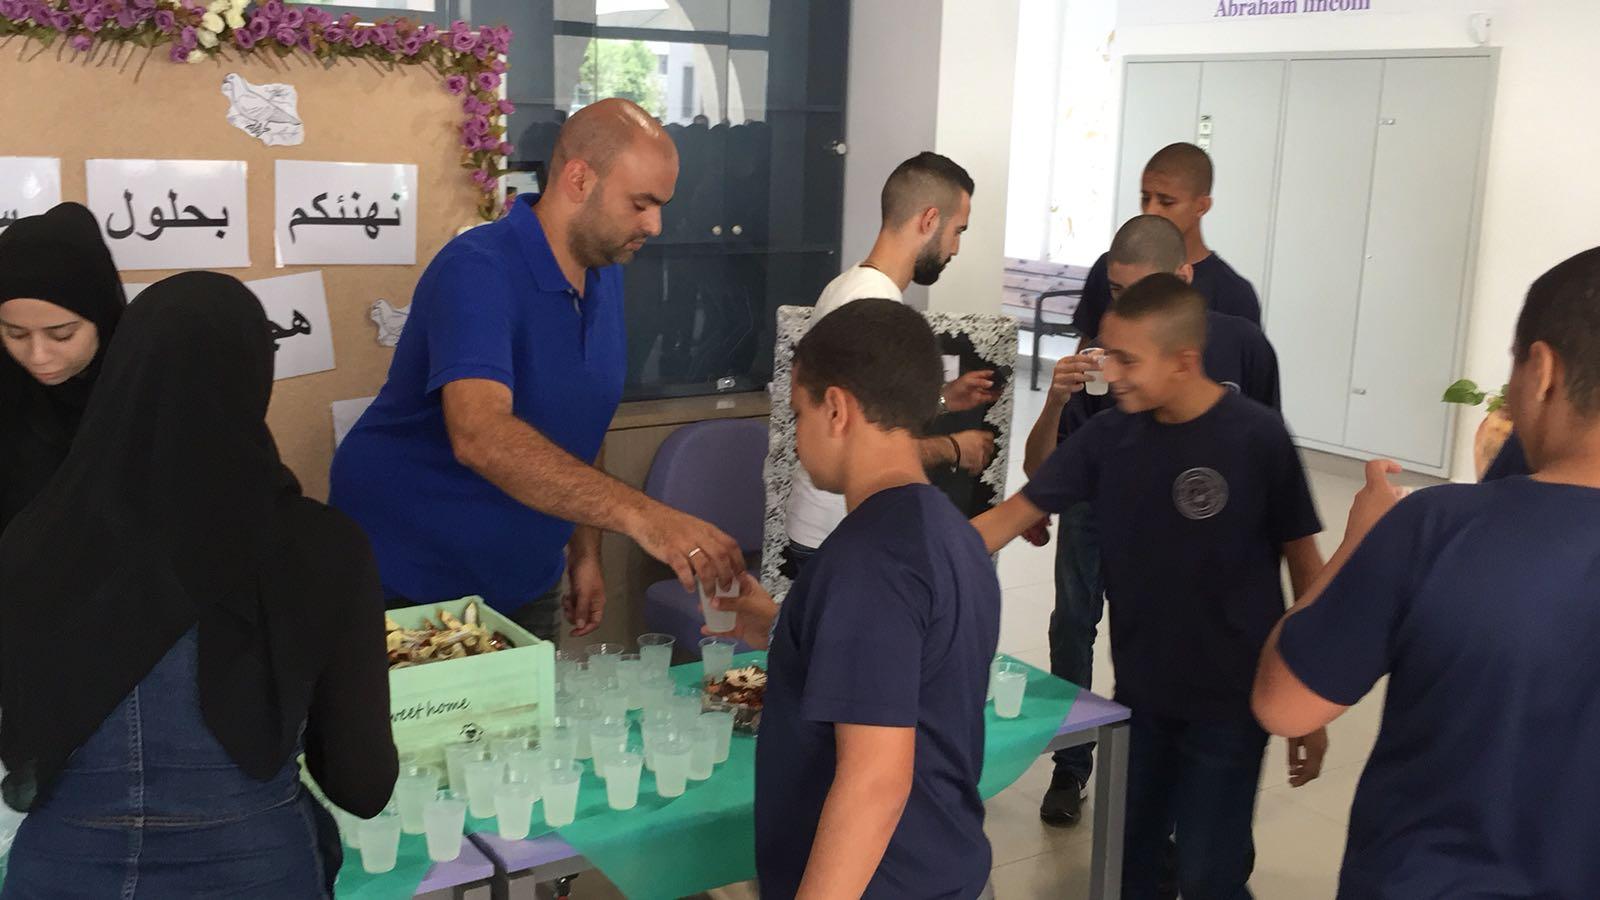 مدرسة يافا المستقبل تحتفل بحلول العام الهجري الجديد